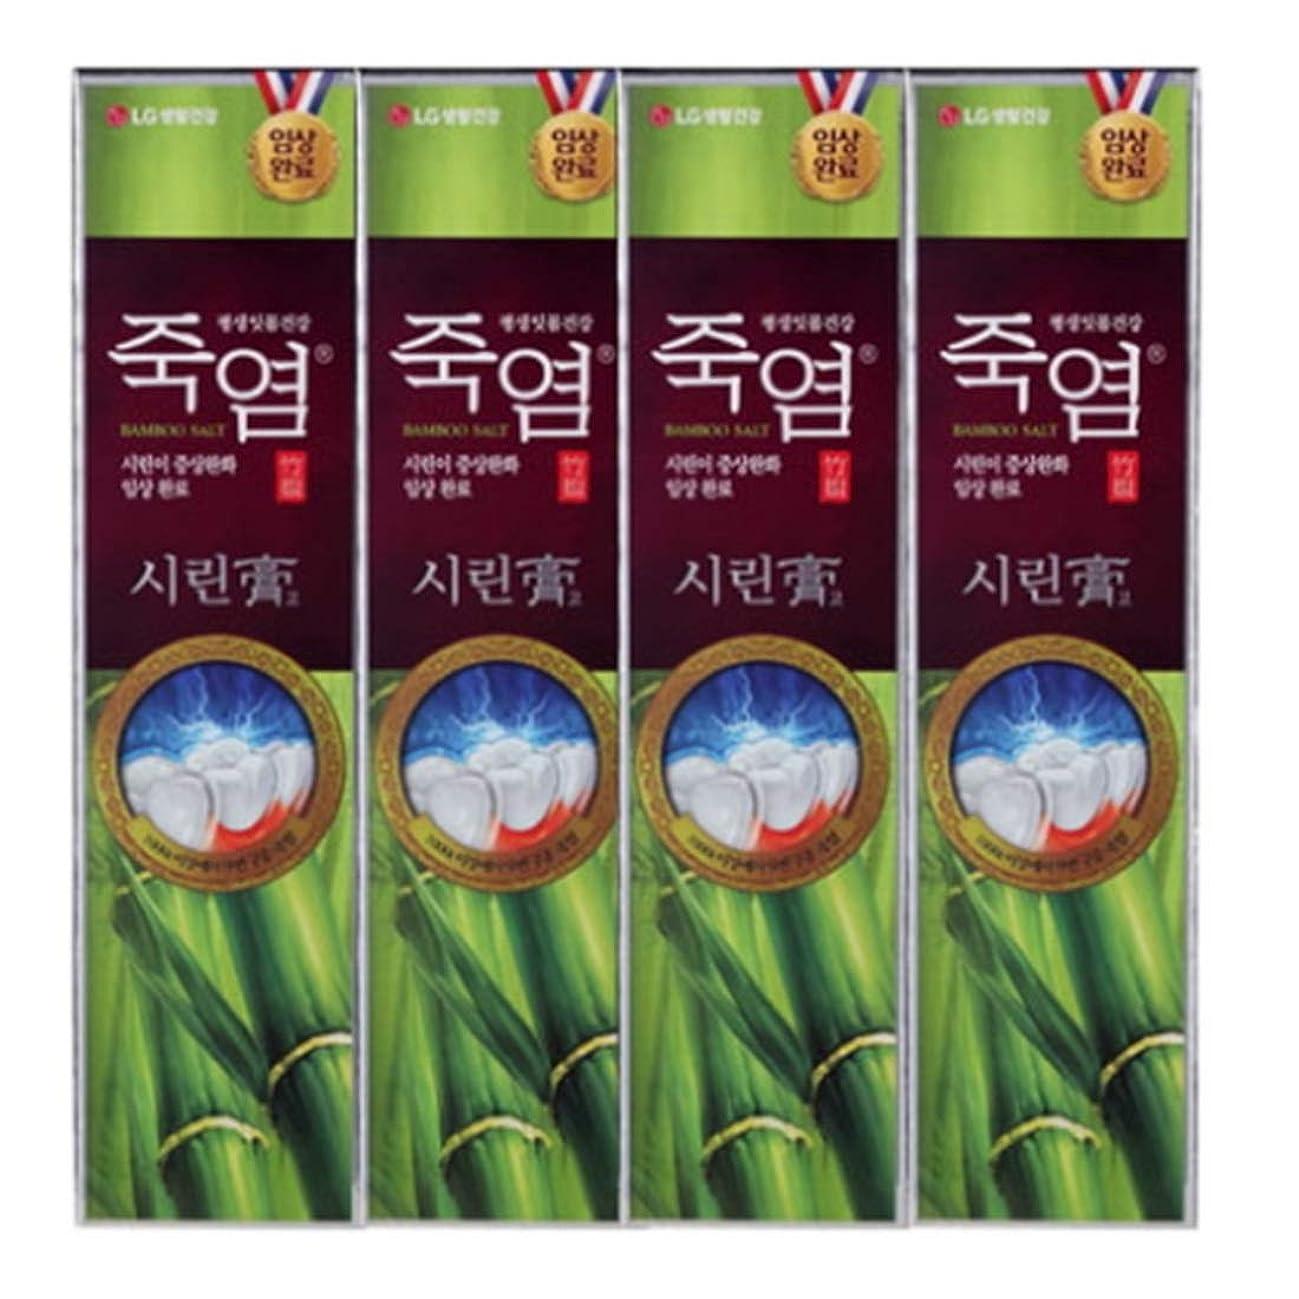 星不規則な宣言[LG Care/LG生活健康]竹塩歯磨き粉つぶれて歯茎を健康に120g x4ea/歯磨きセットスペシャル?リミテッドToothpaste Set Special Limited Korea(海外直送品)